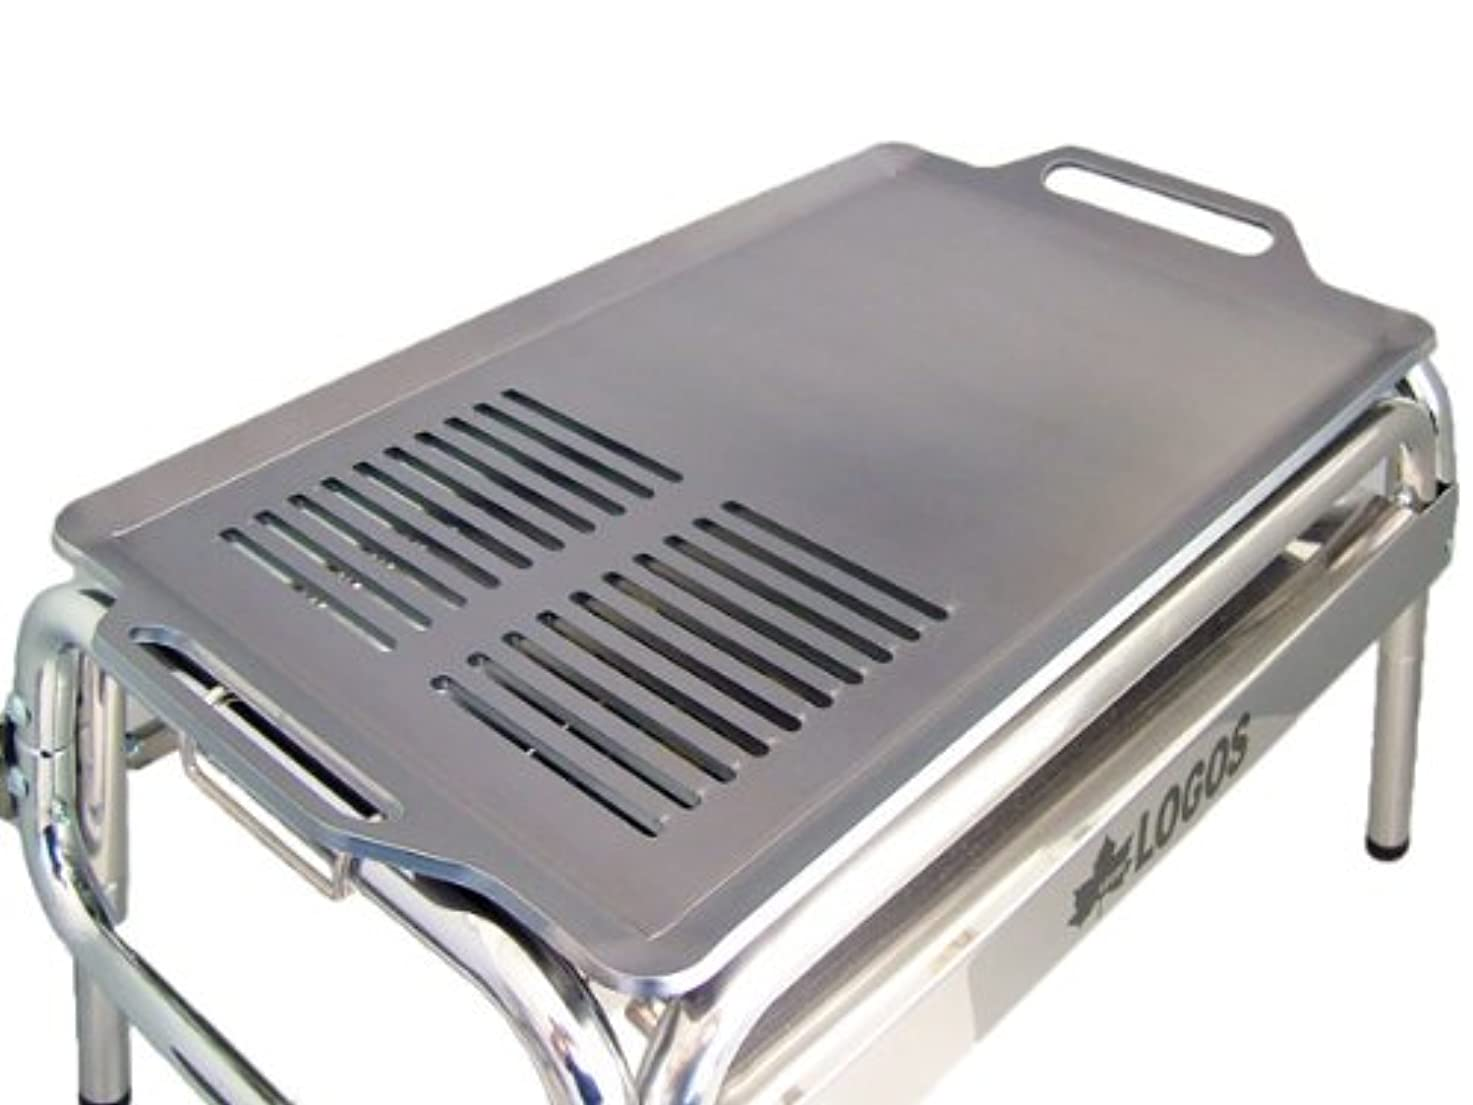 関数リーチ夢中ロゴス EZCステンチューブラルプラスM 対応 グリルプレート 板厚6.0mm (グリル本体は商品に含まれません)